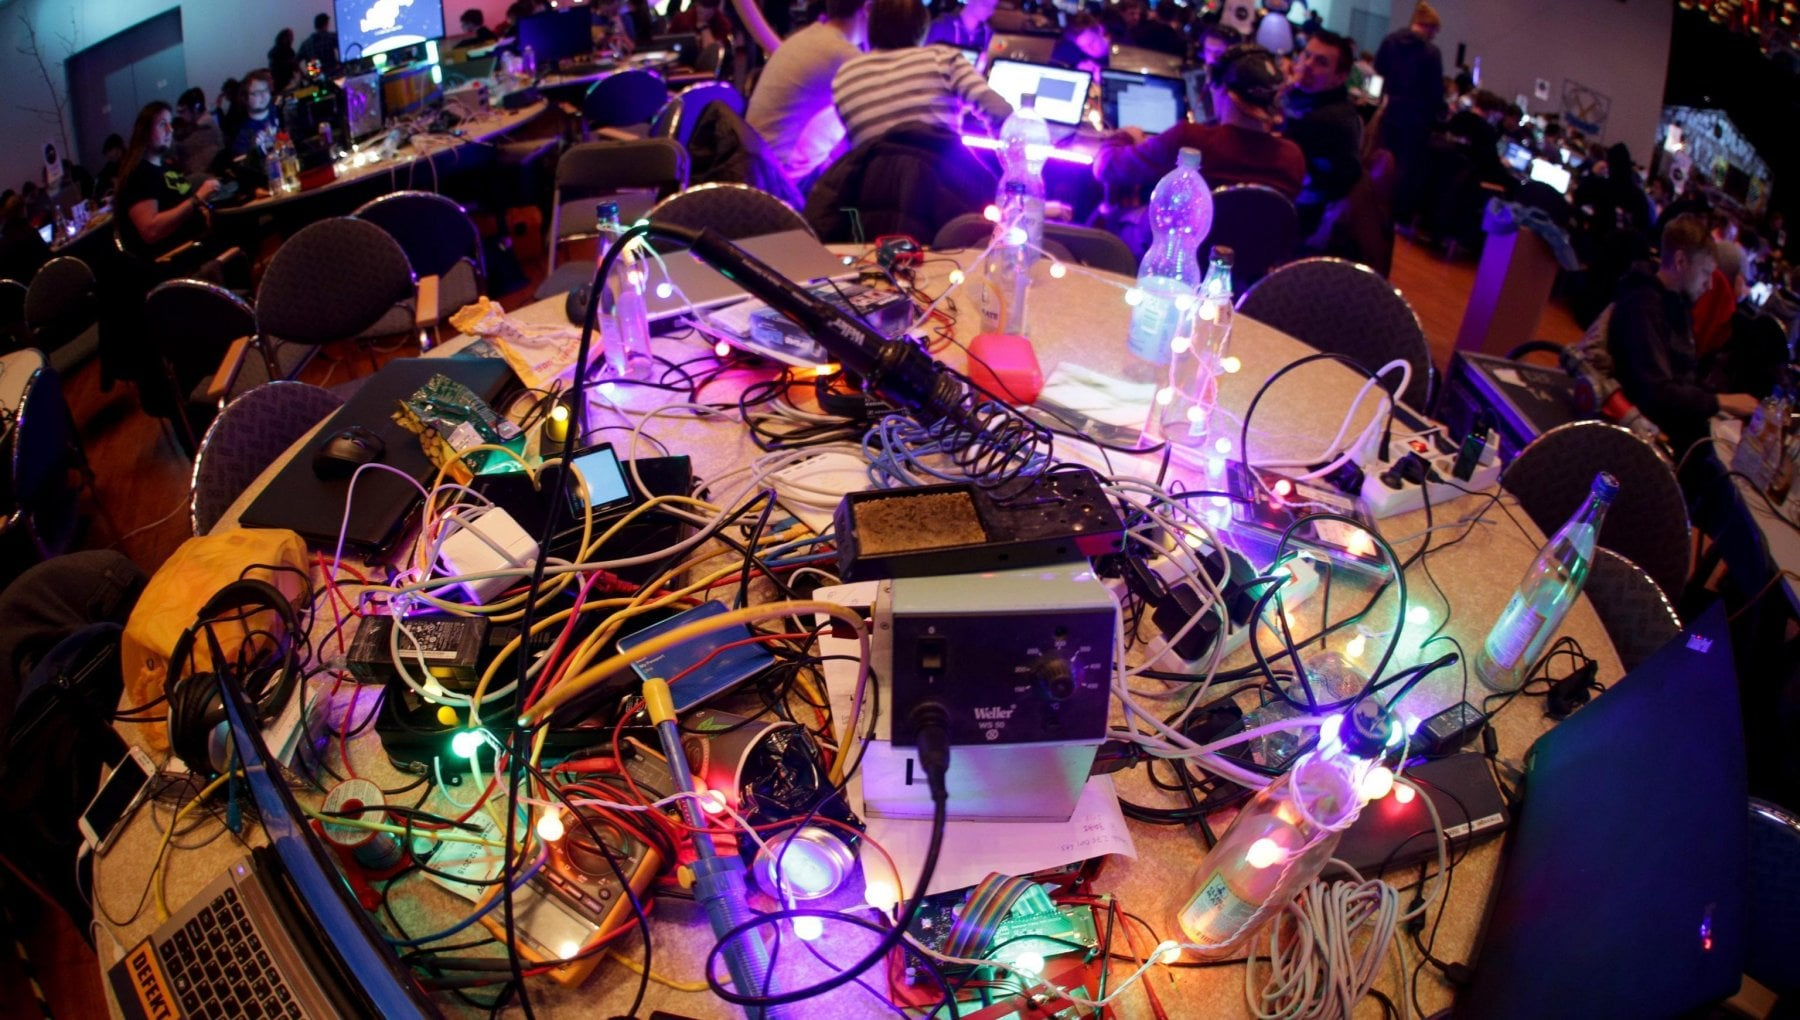 """214725661 dcc5e9d0 7a9b 480a 8910 140c674bd9db - Internet si spegne. Per un'ora si teme maxi attacco hacker. """"È solo un incidente"""""""